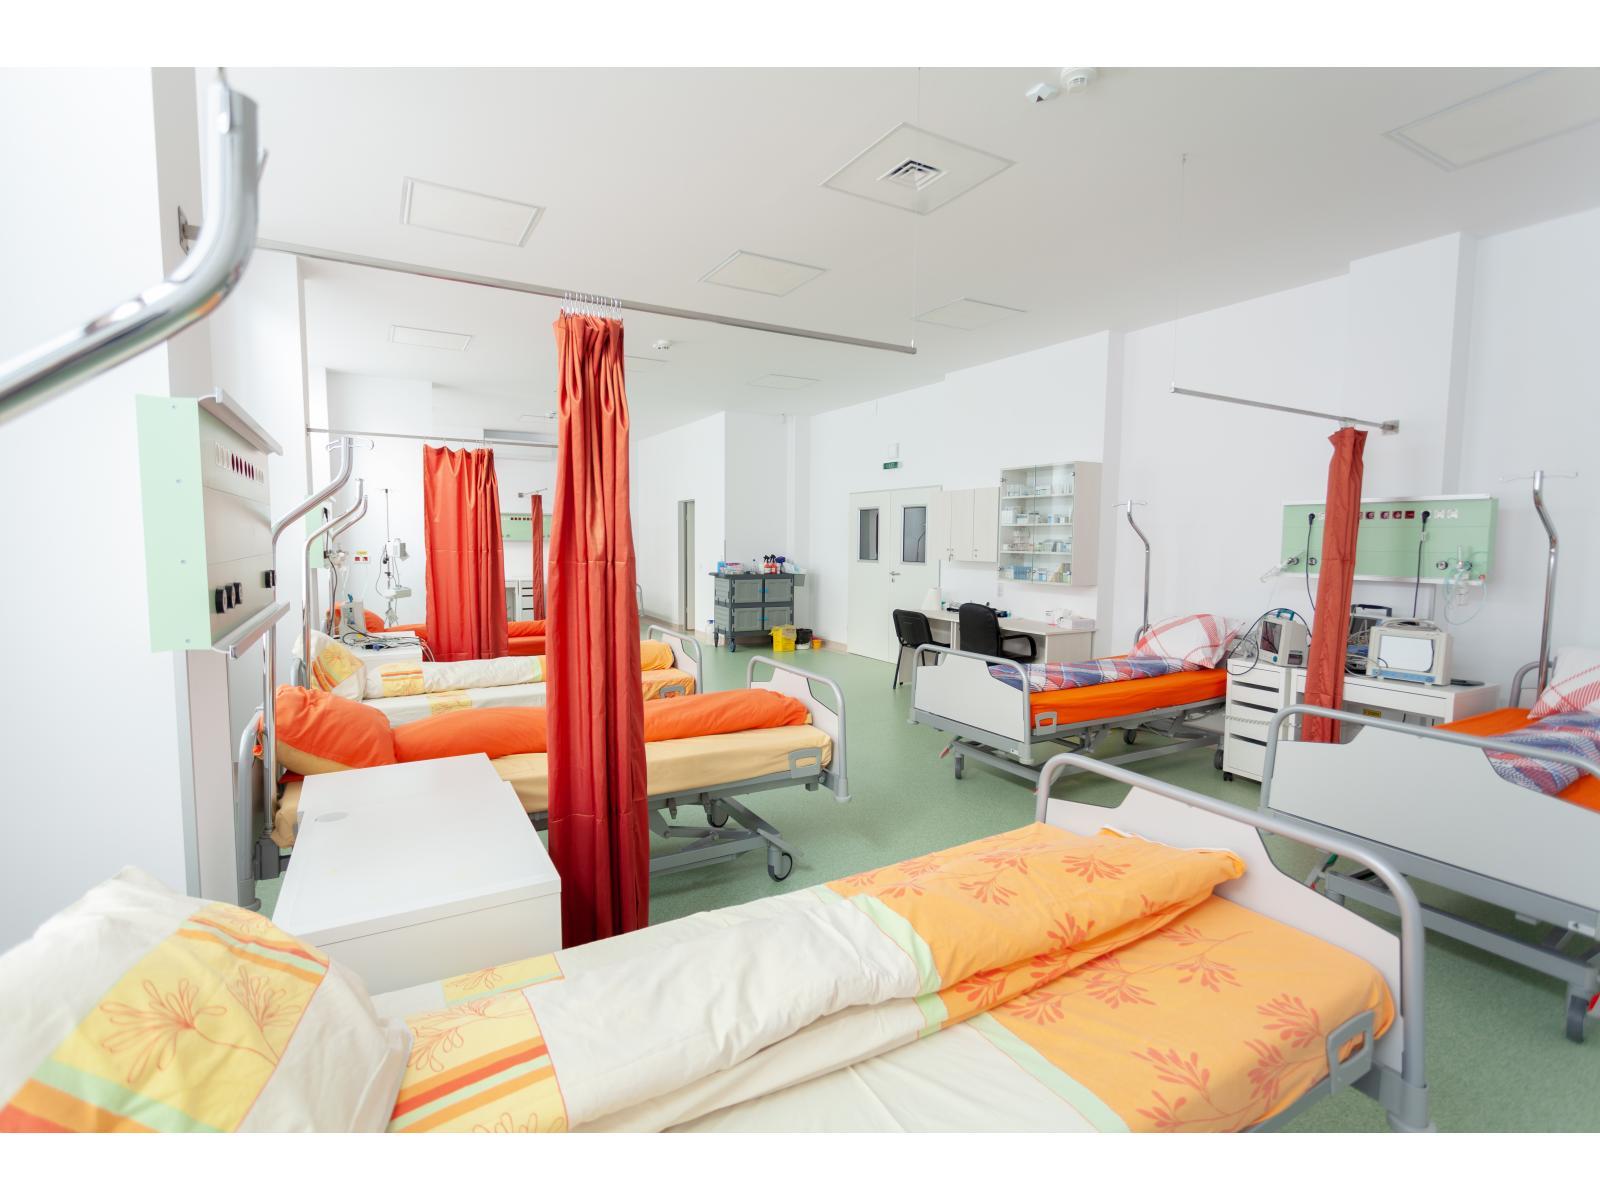 Royal Hospital - IMG_3961.jpg